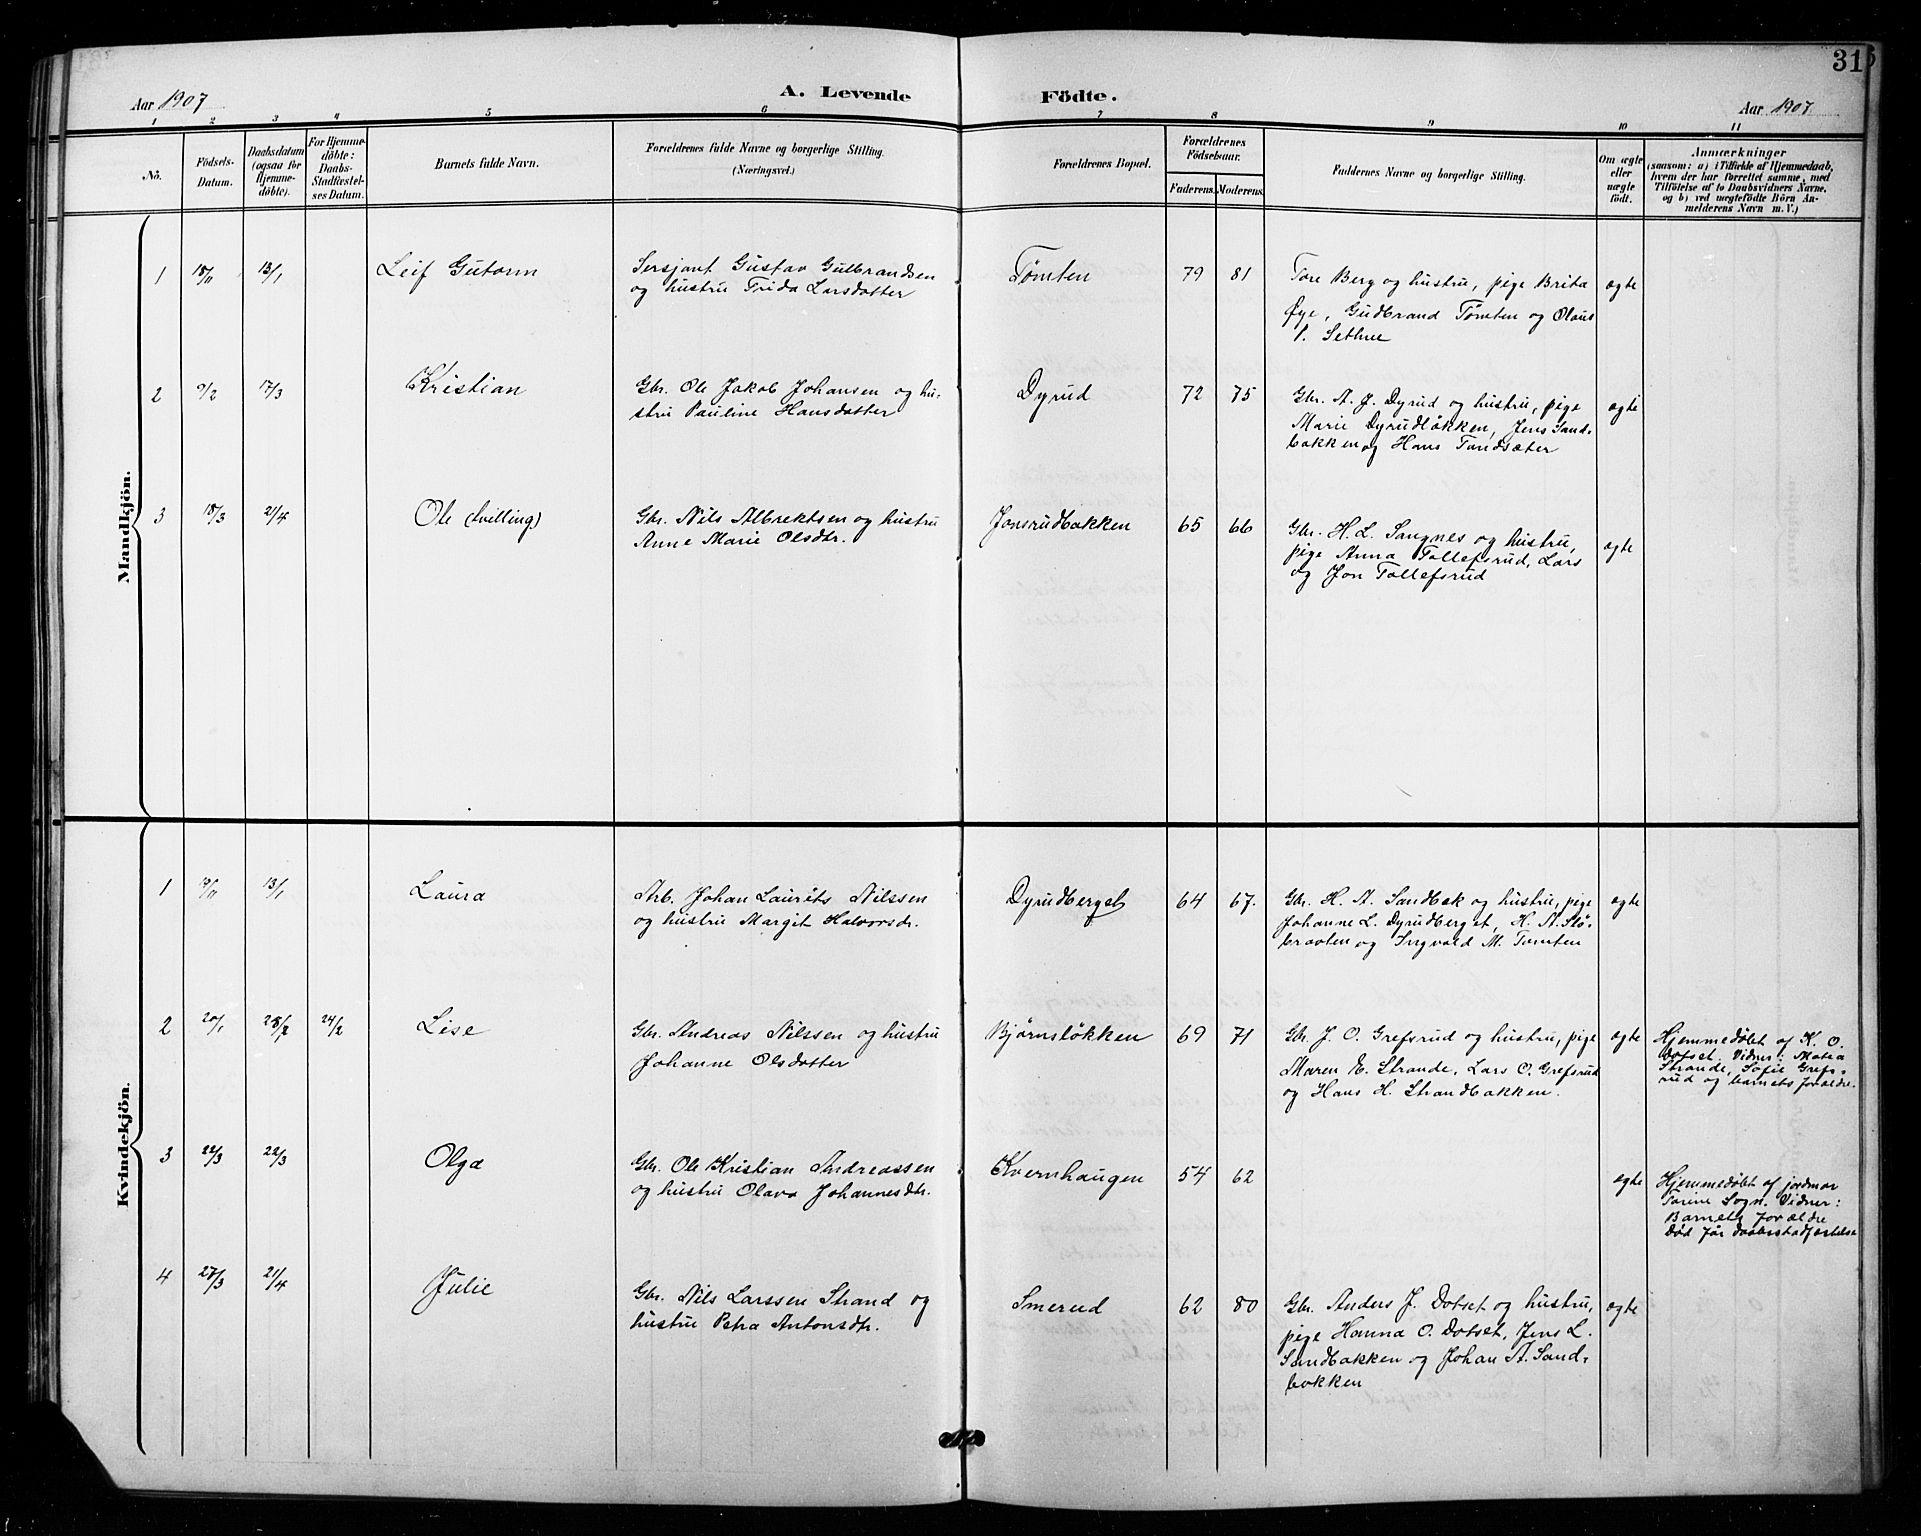 SAH, Vestre Toten prestekontor, Klokkerbok nr. 16, 1901-1915, s. 31